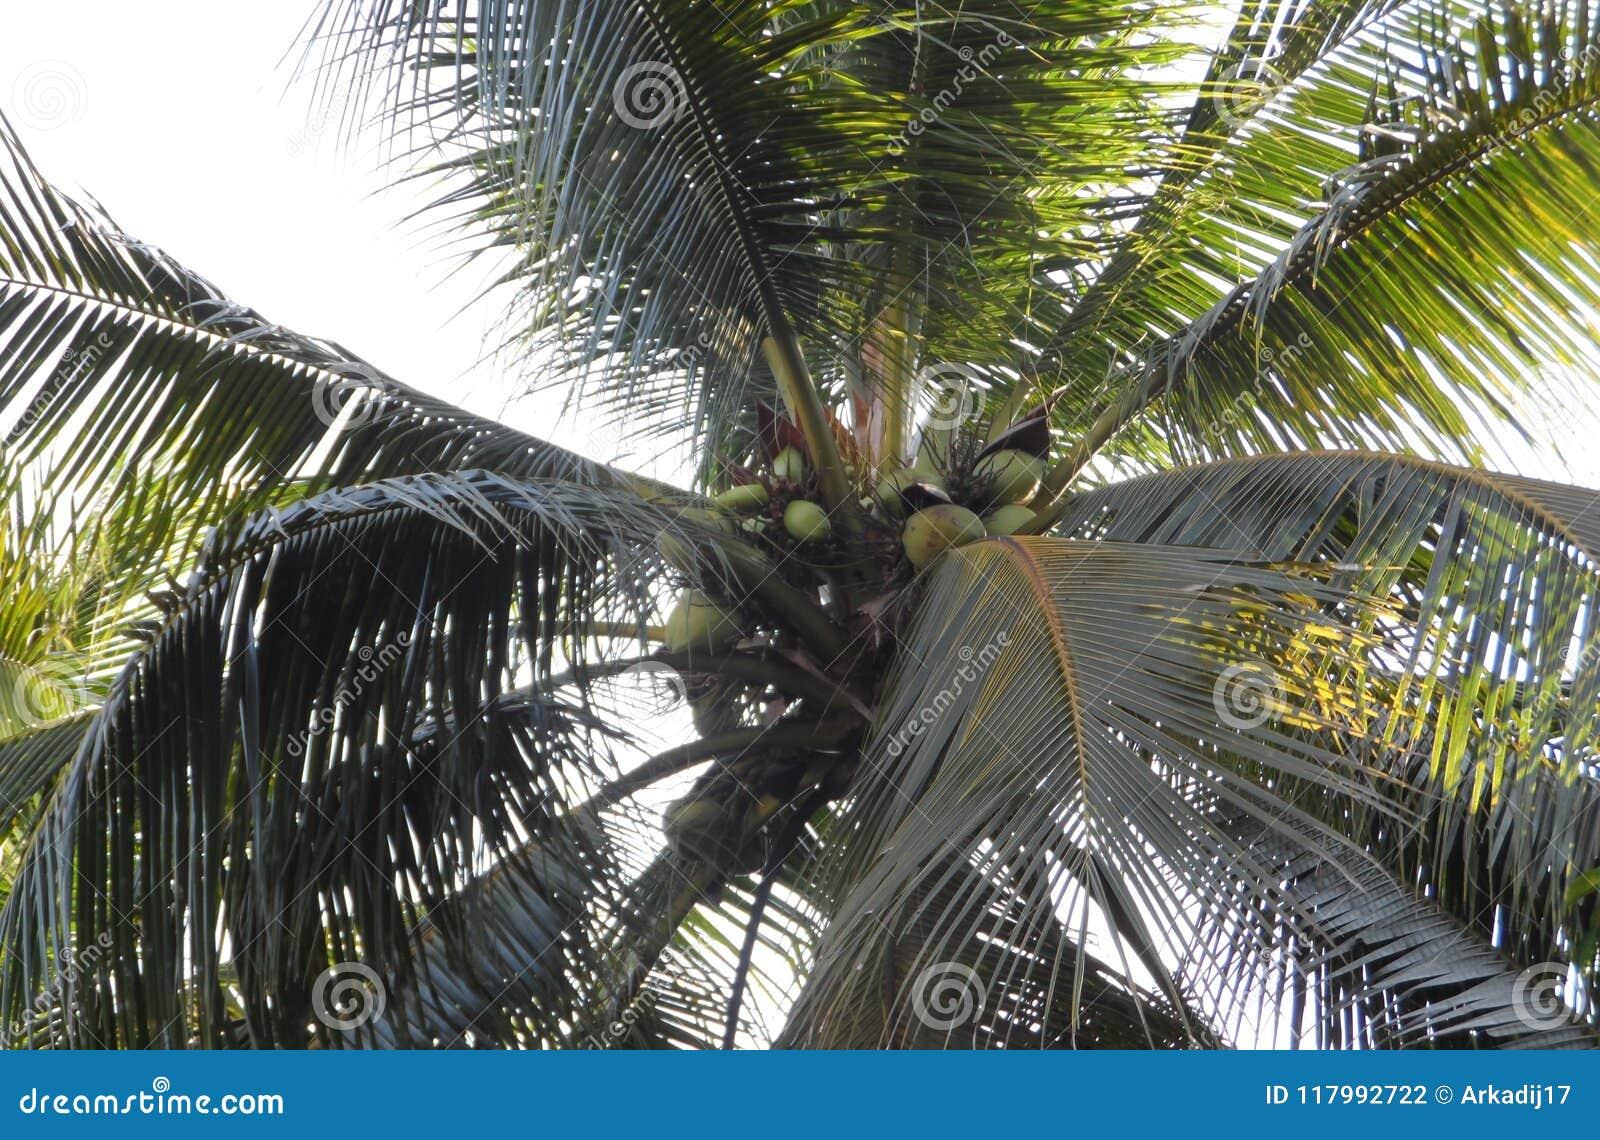 Palmier de noix de coco avec des noix de coco stock photos - Palmier noix de coco ...